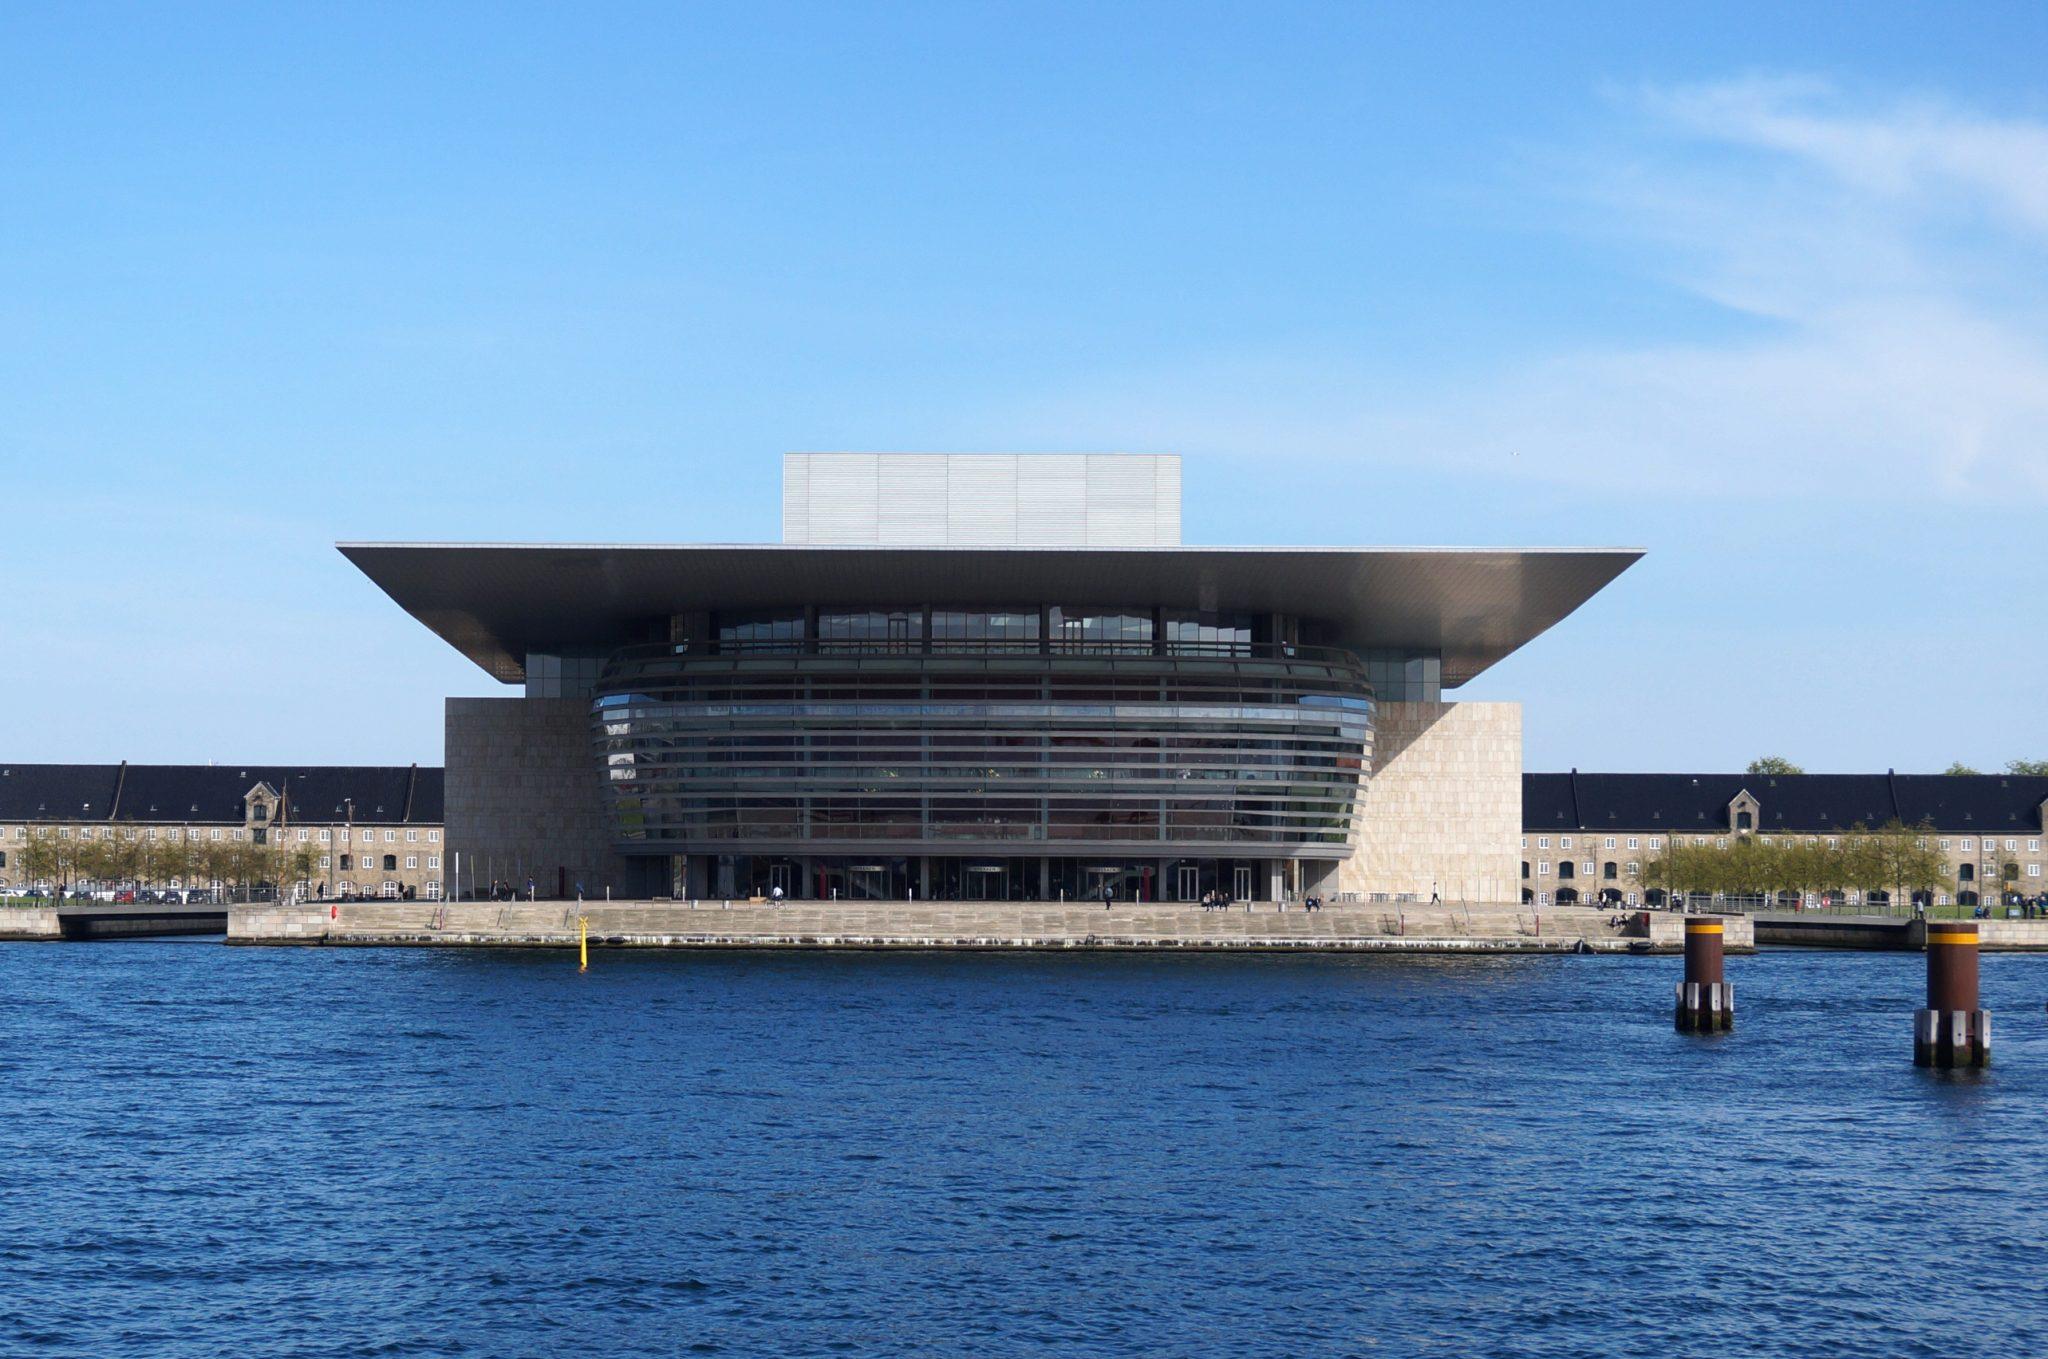 DSC04392 - Kopenhaga - Architour